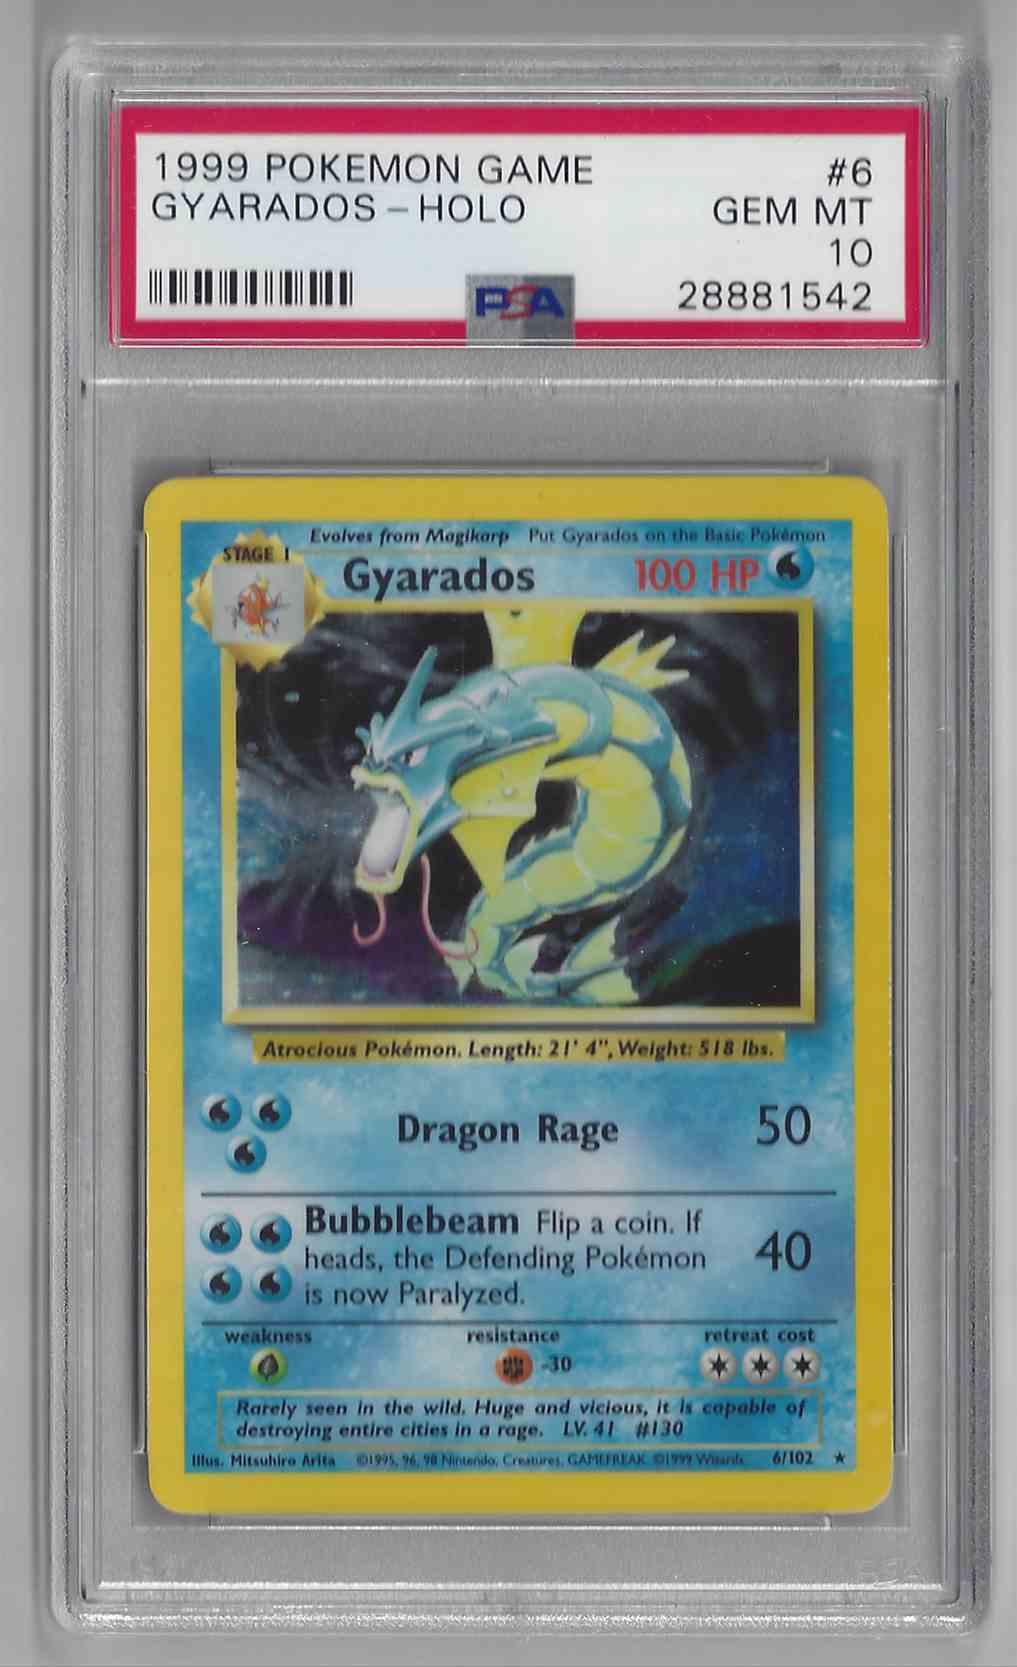 1999 Pokemon Game Unlimited Gyarados #6 card front image